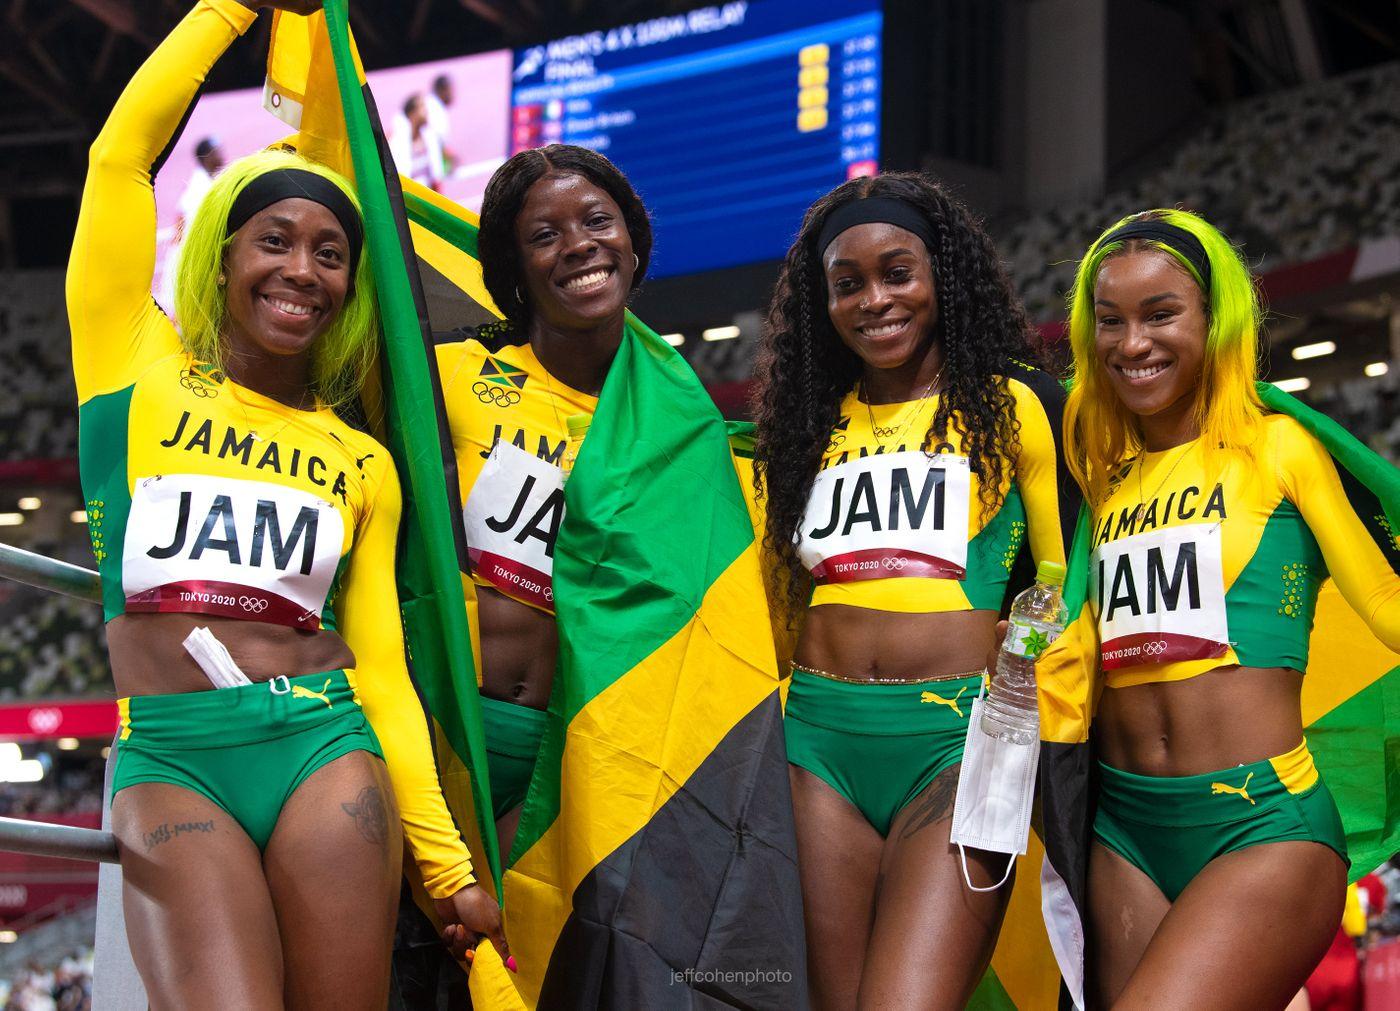 jamiaca-4x1w-2020-tokyo-oly-day-8-2501-jeff-cohen-photo---copy-web.jpg